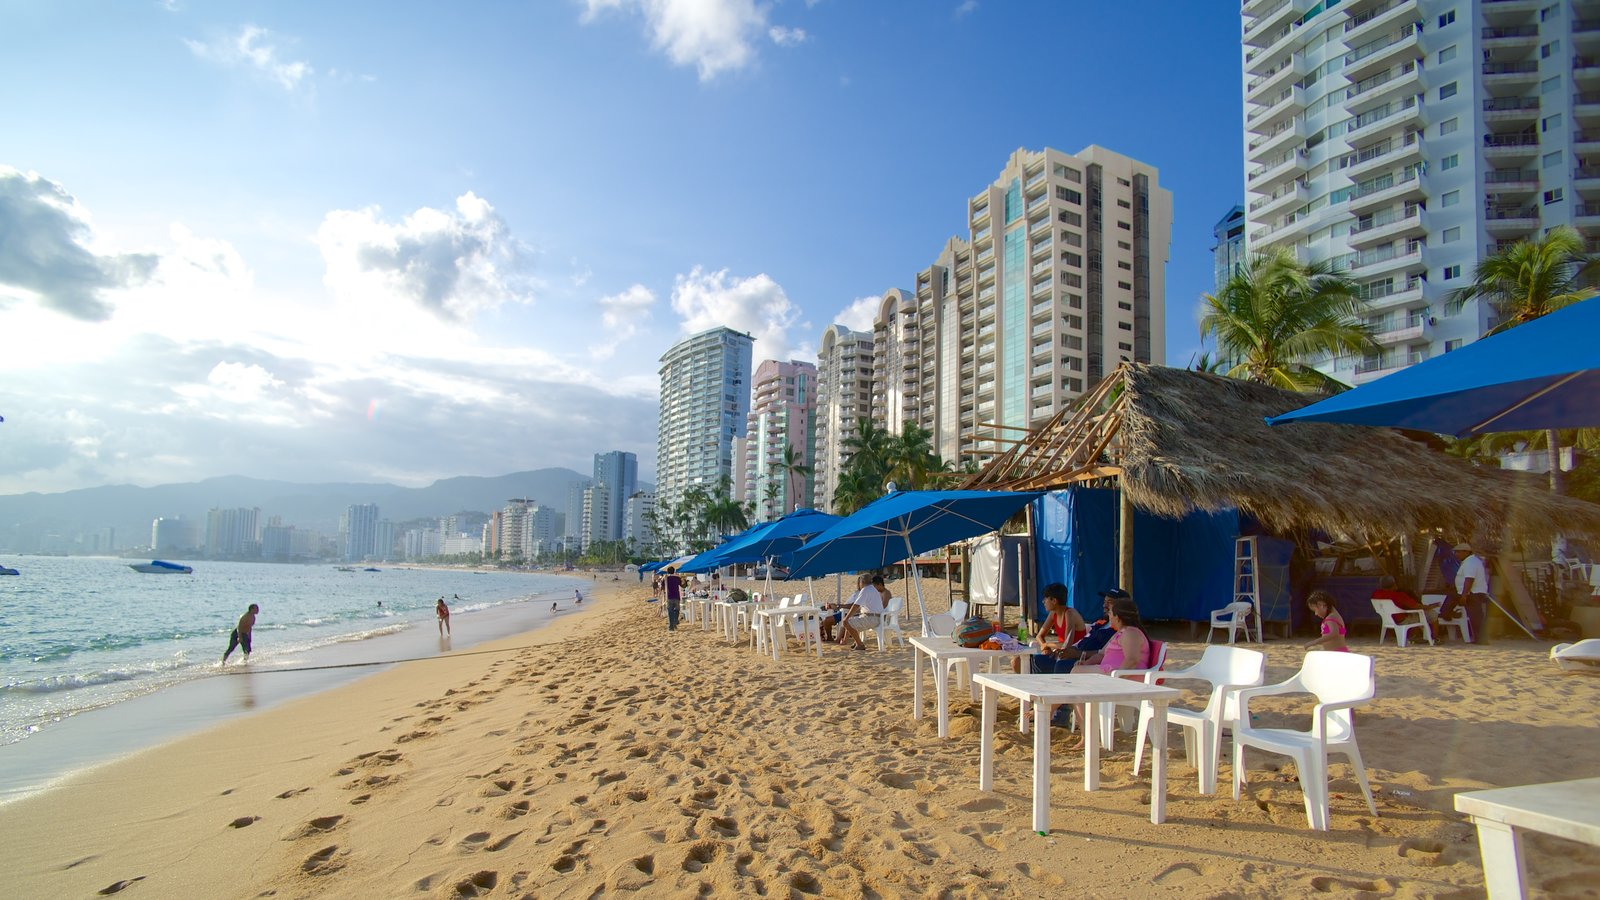 Playa Icacos que incluye una playa de arena, comer al aire libre y un hotel o resort de lujo